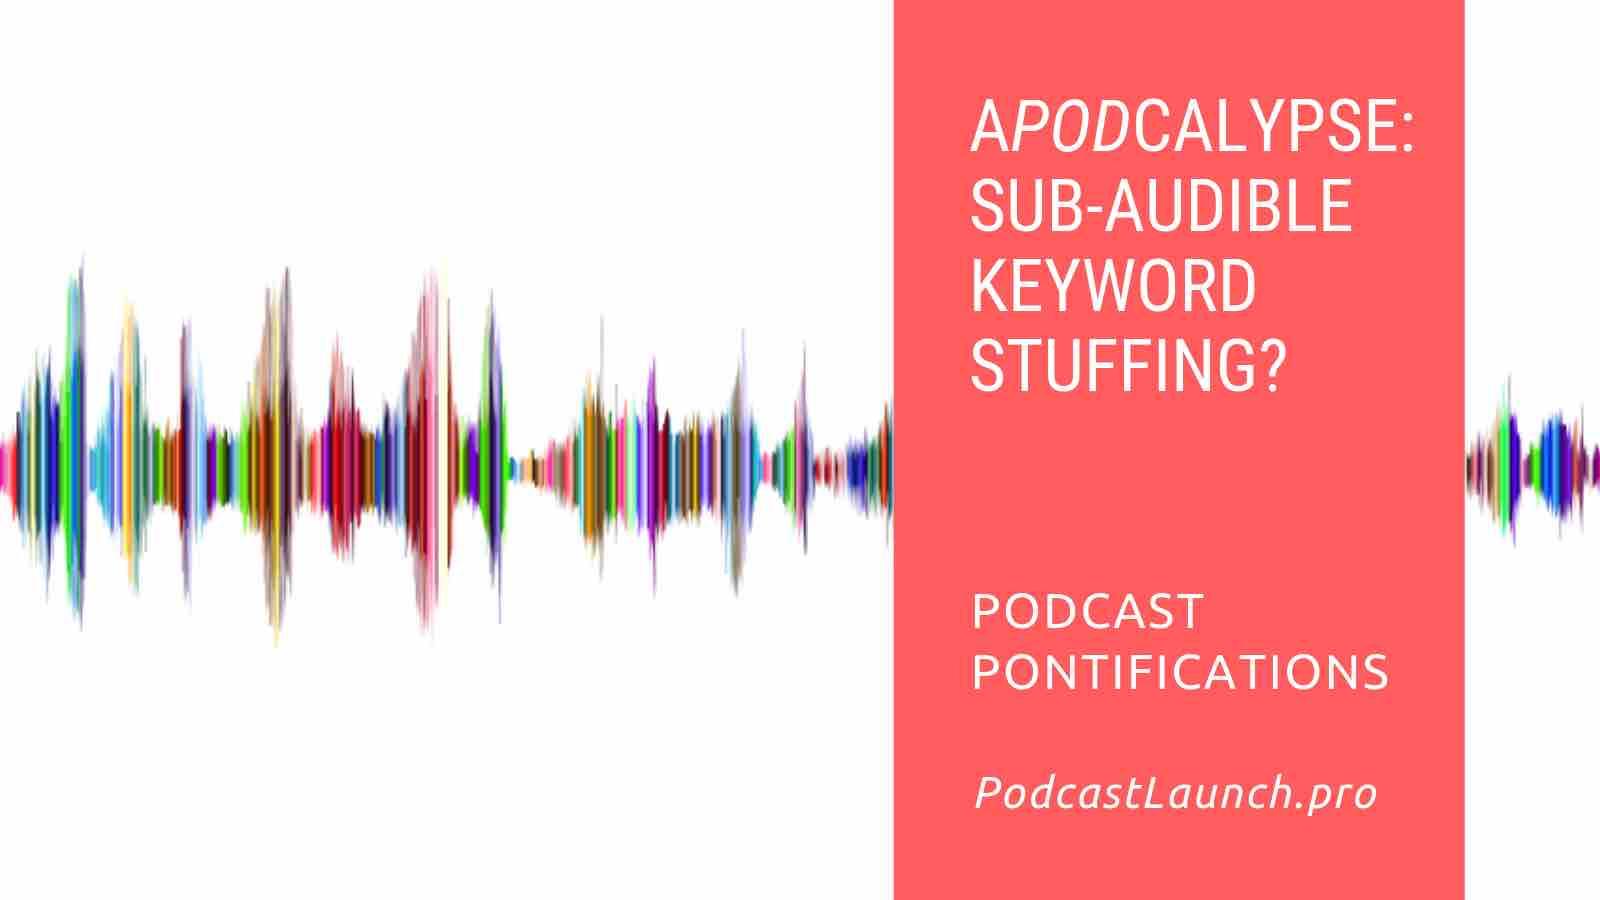 APODcalypse: Sub-Audible Keyword Stuffing?